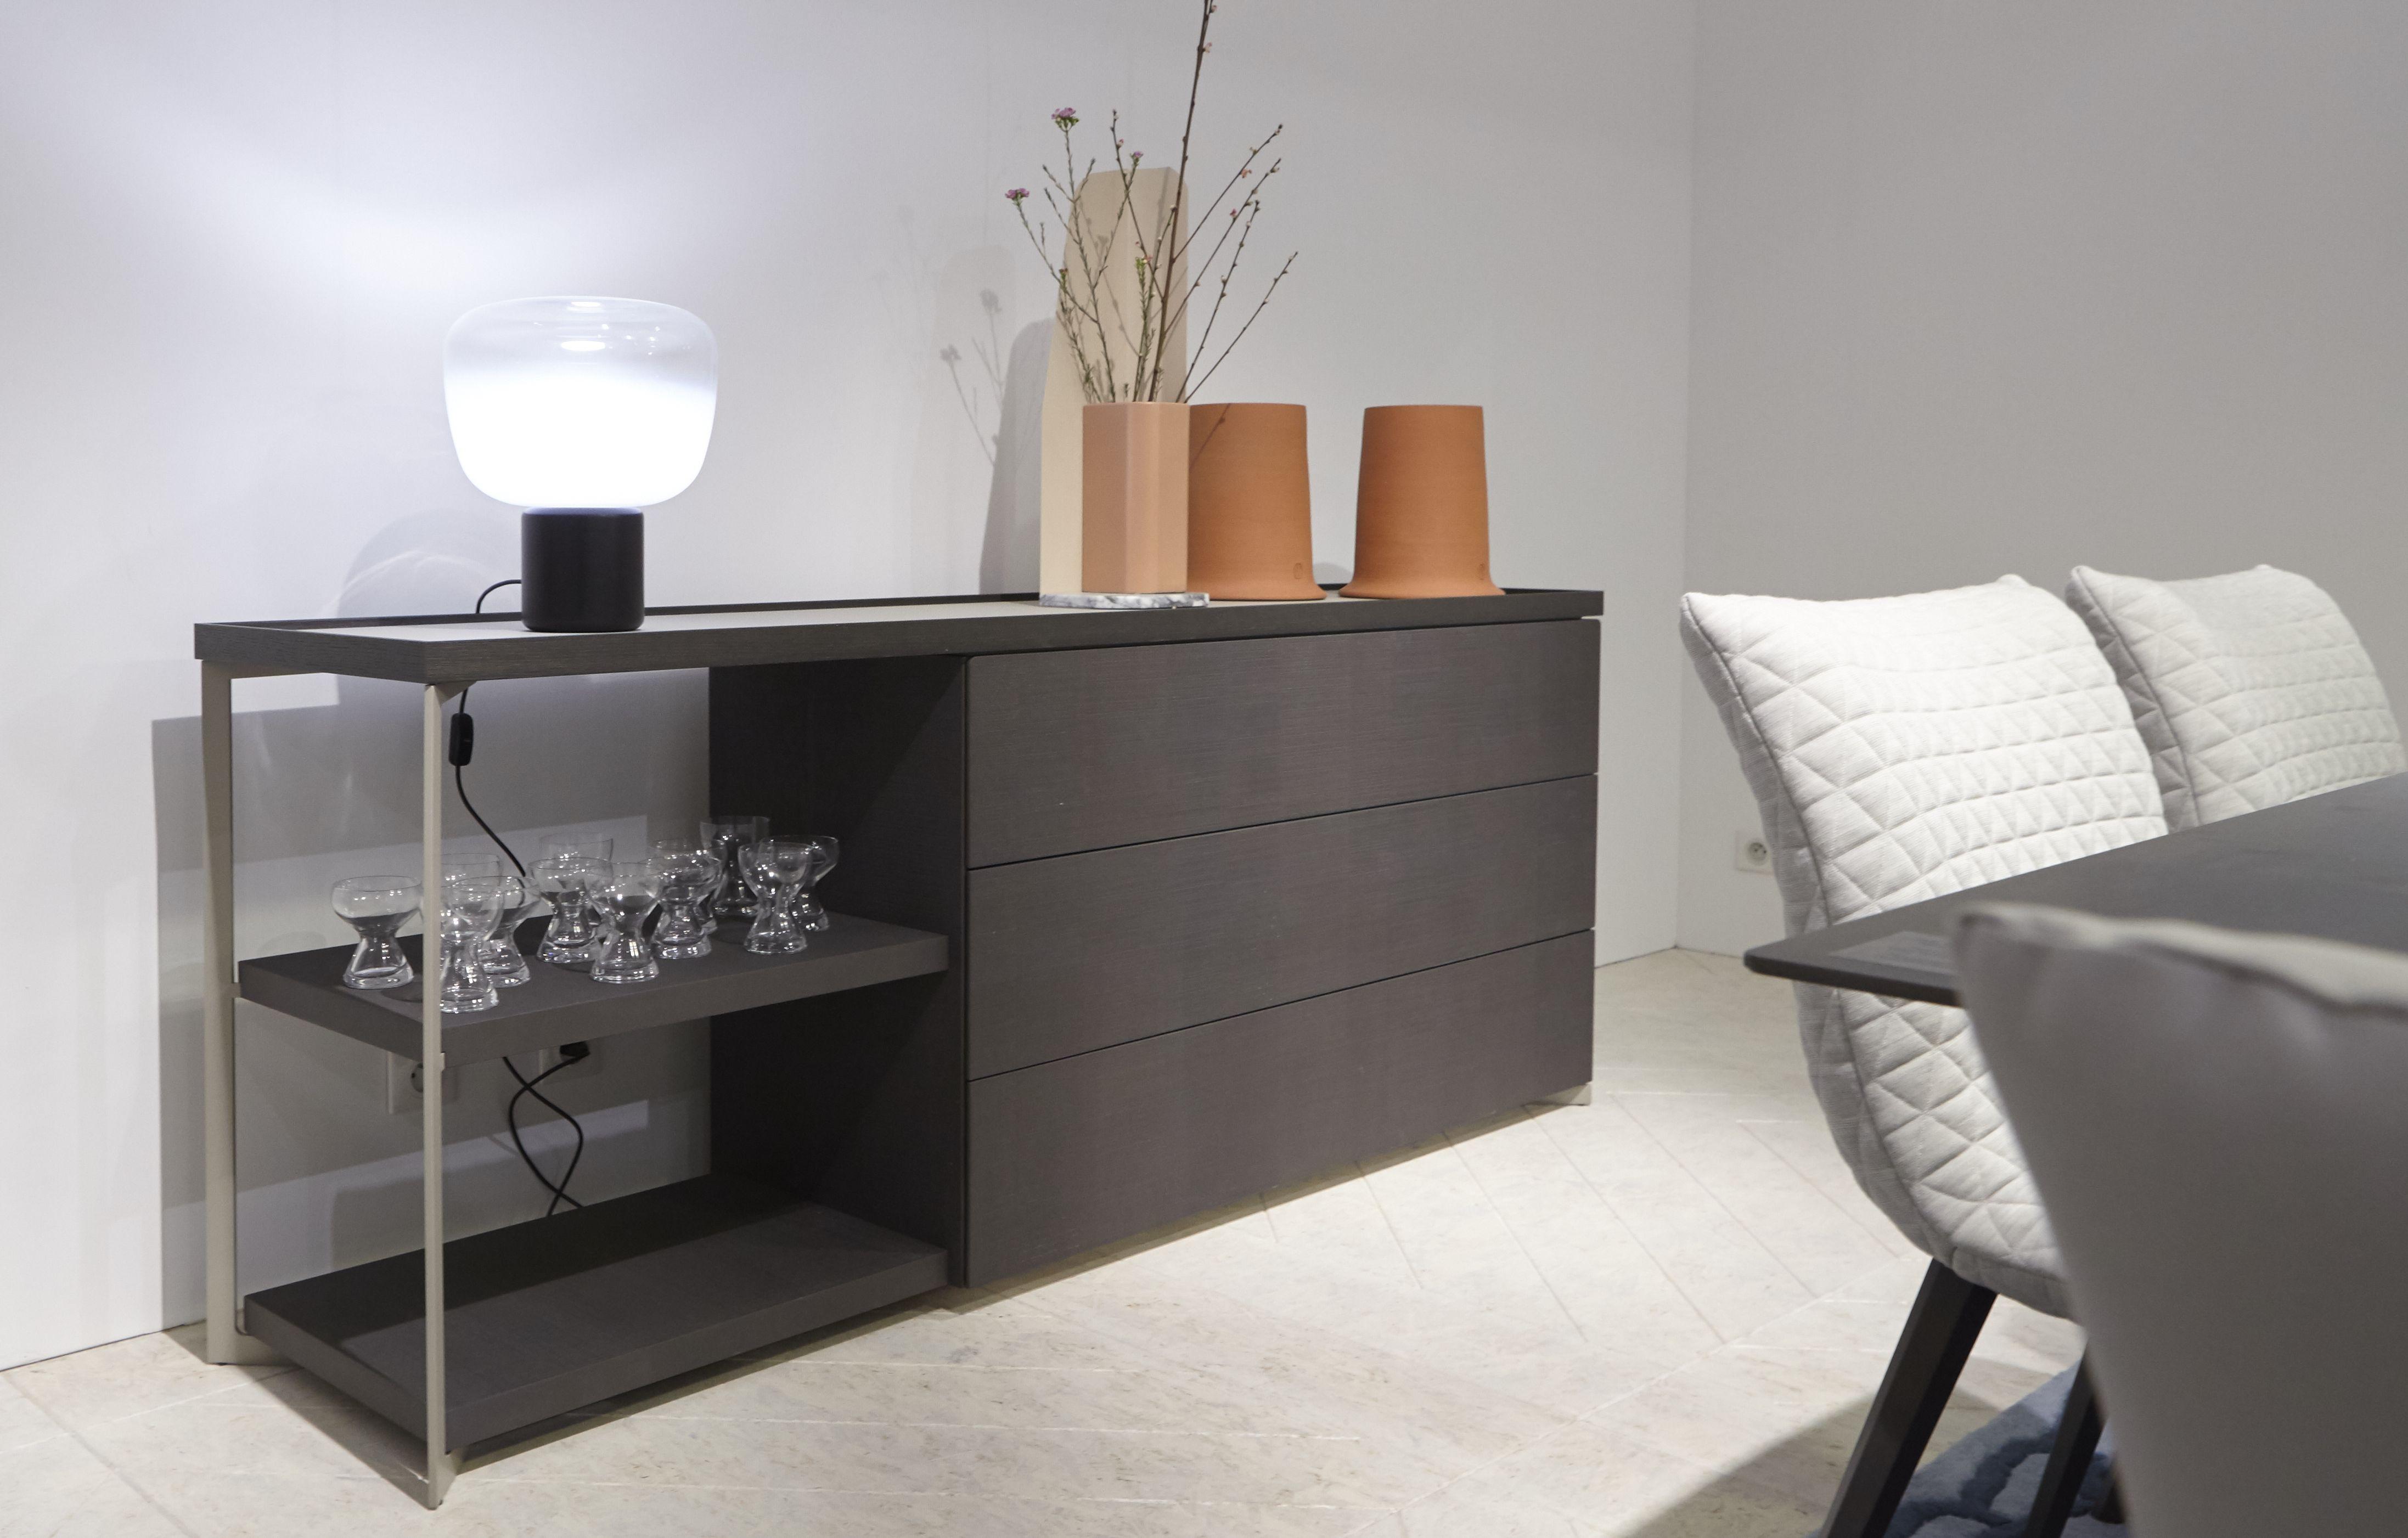 Minikin Table Lamp From Ligne Roset We Recommend Lighting  # Ligne Roset Meuble Tele